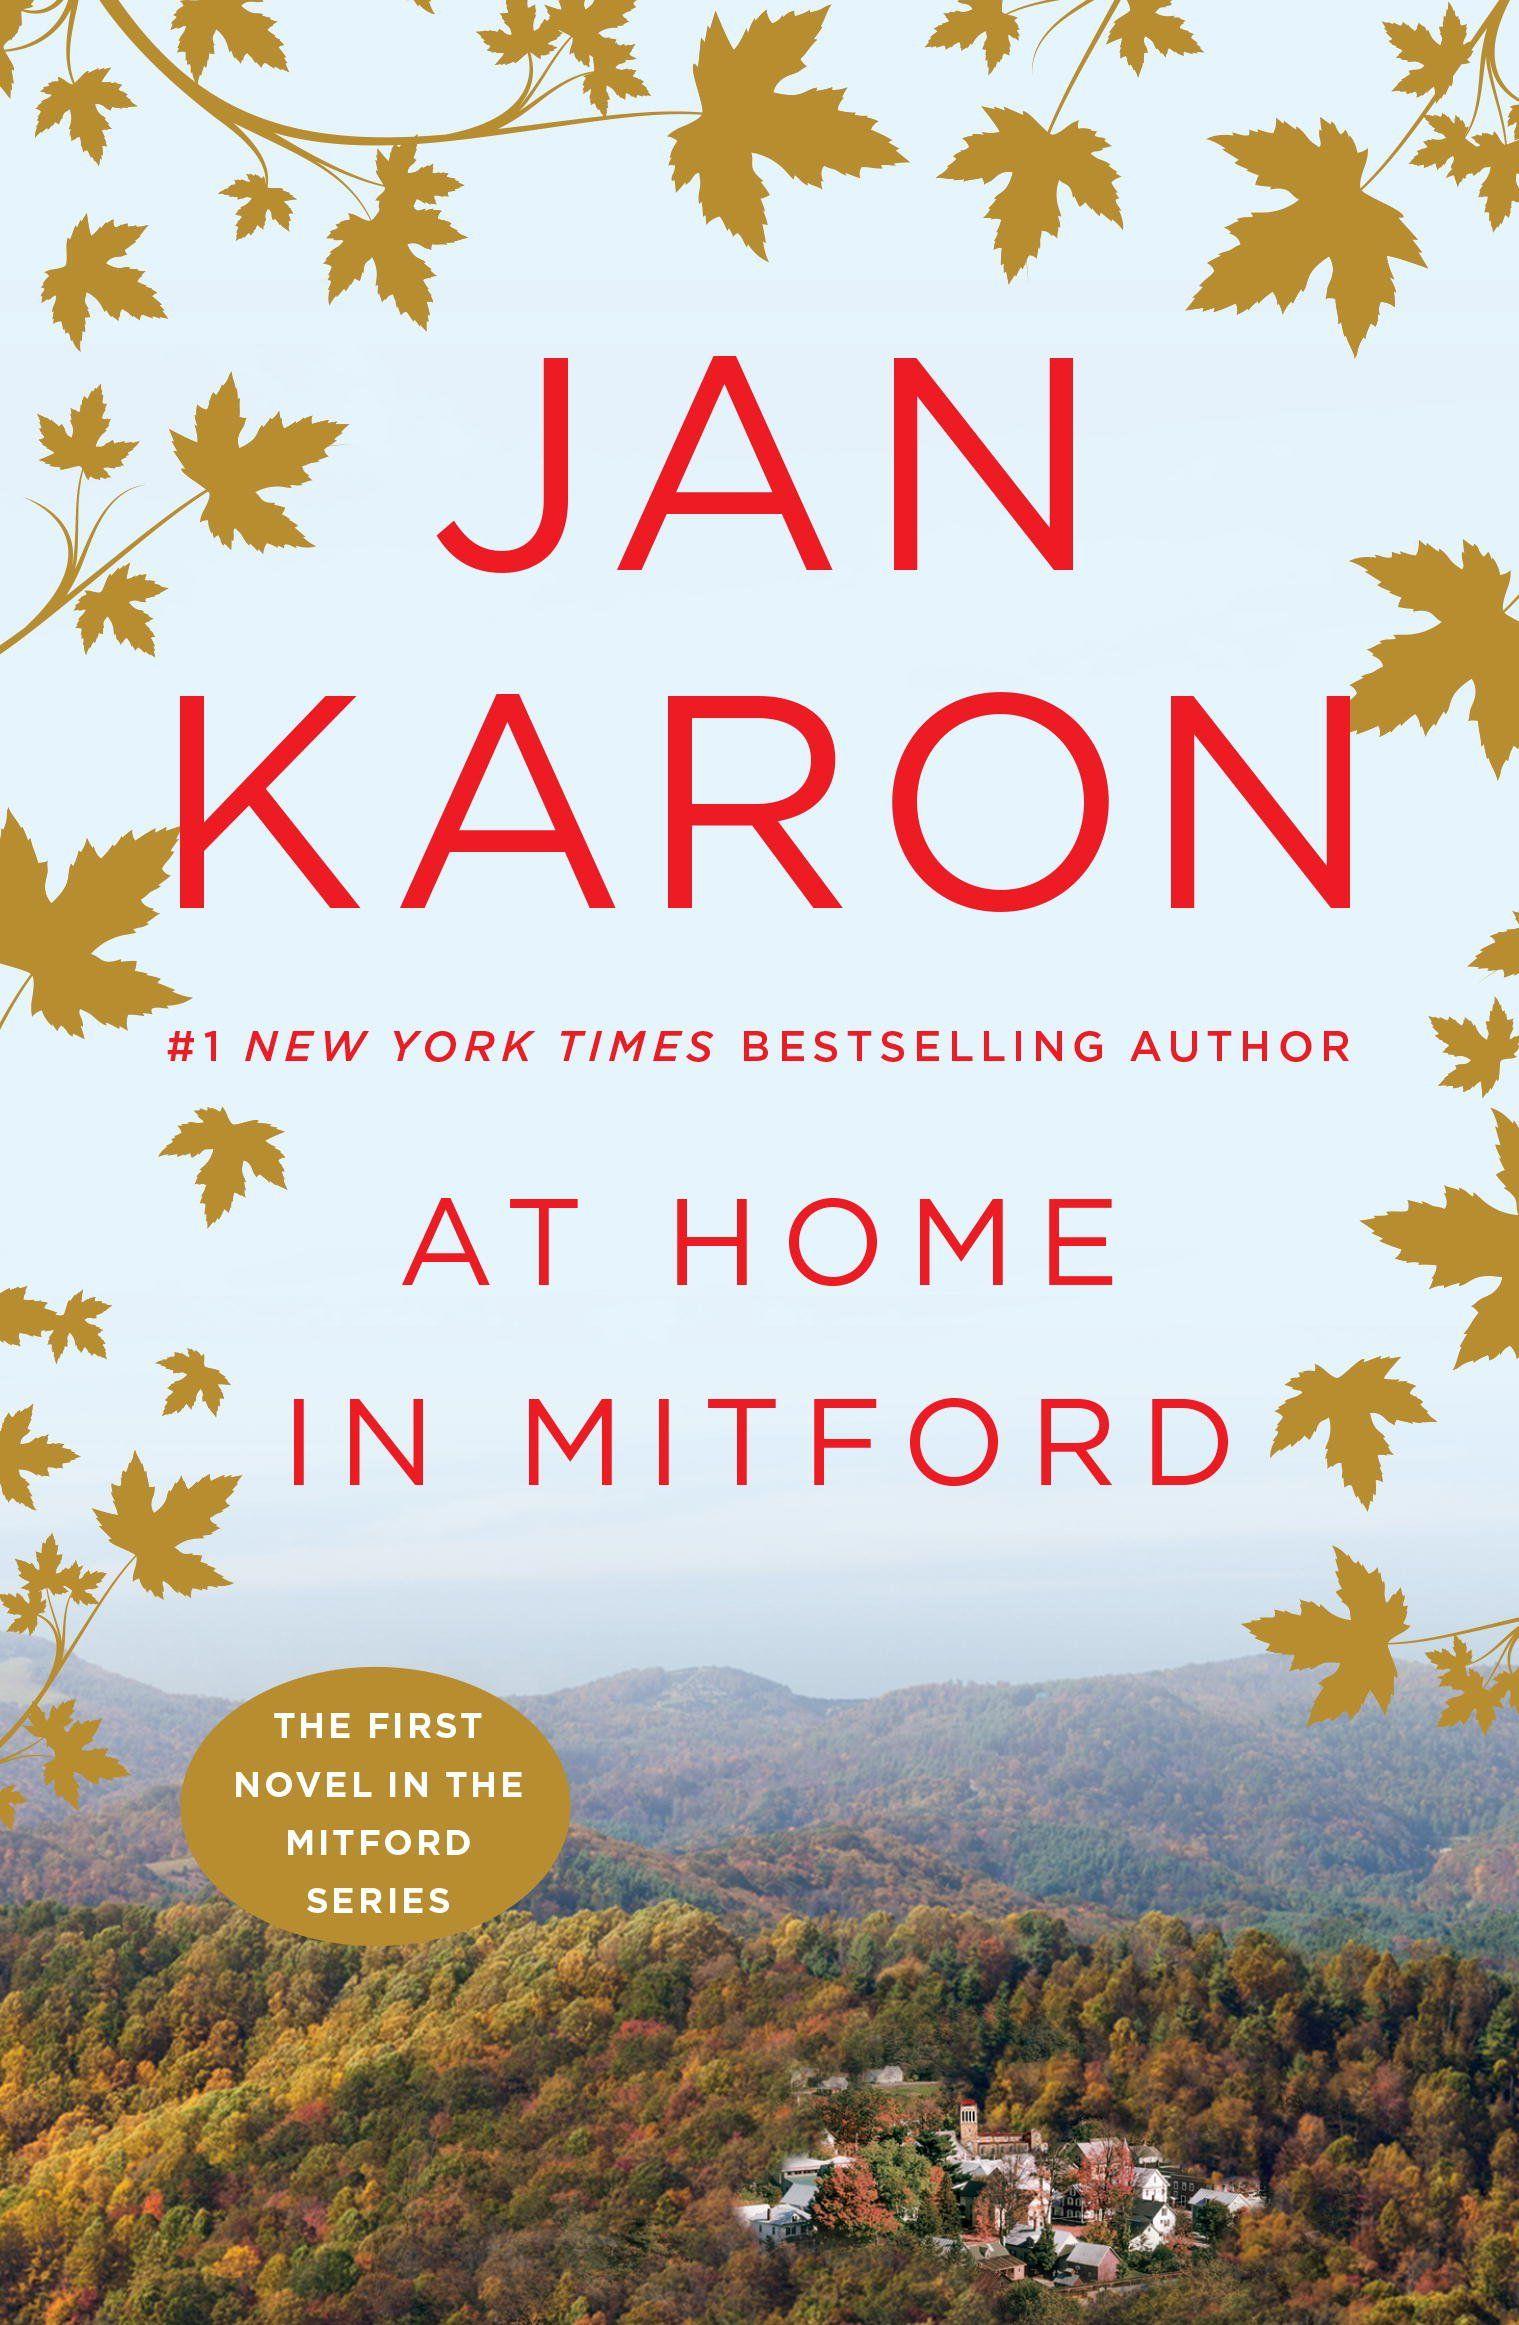 At Home in Mitford A Novel Mitford series, Mitford, Jan